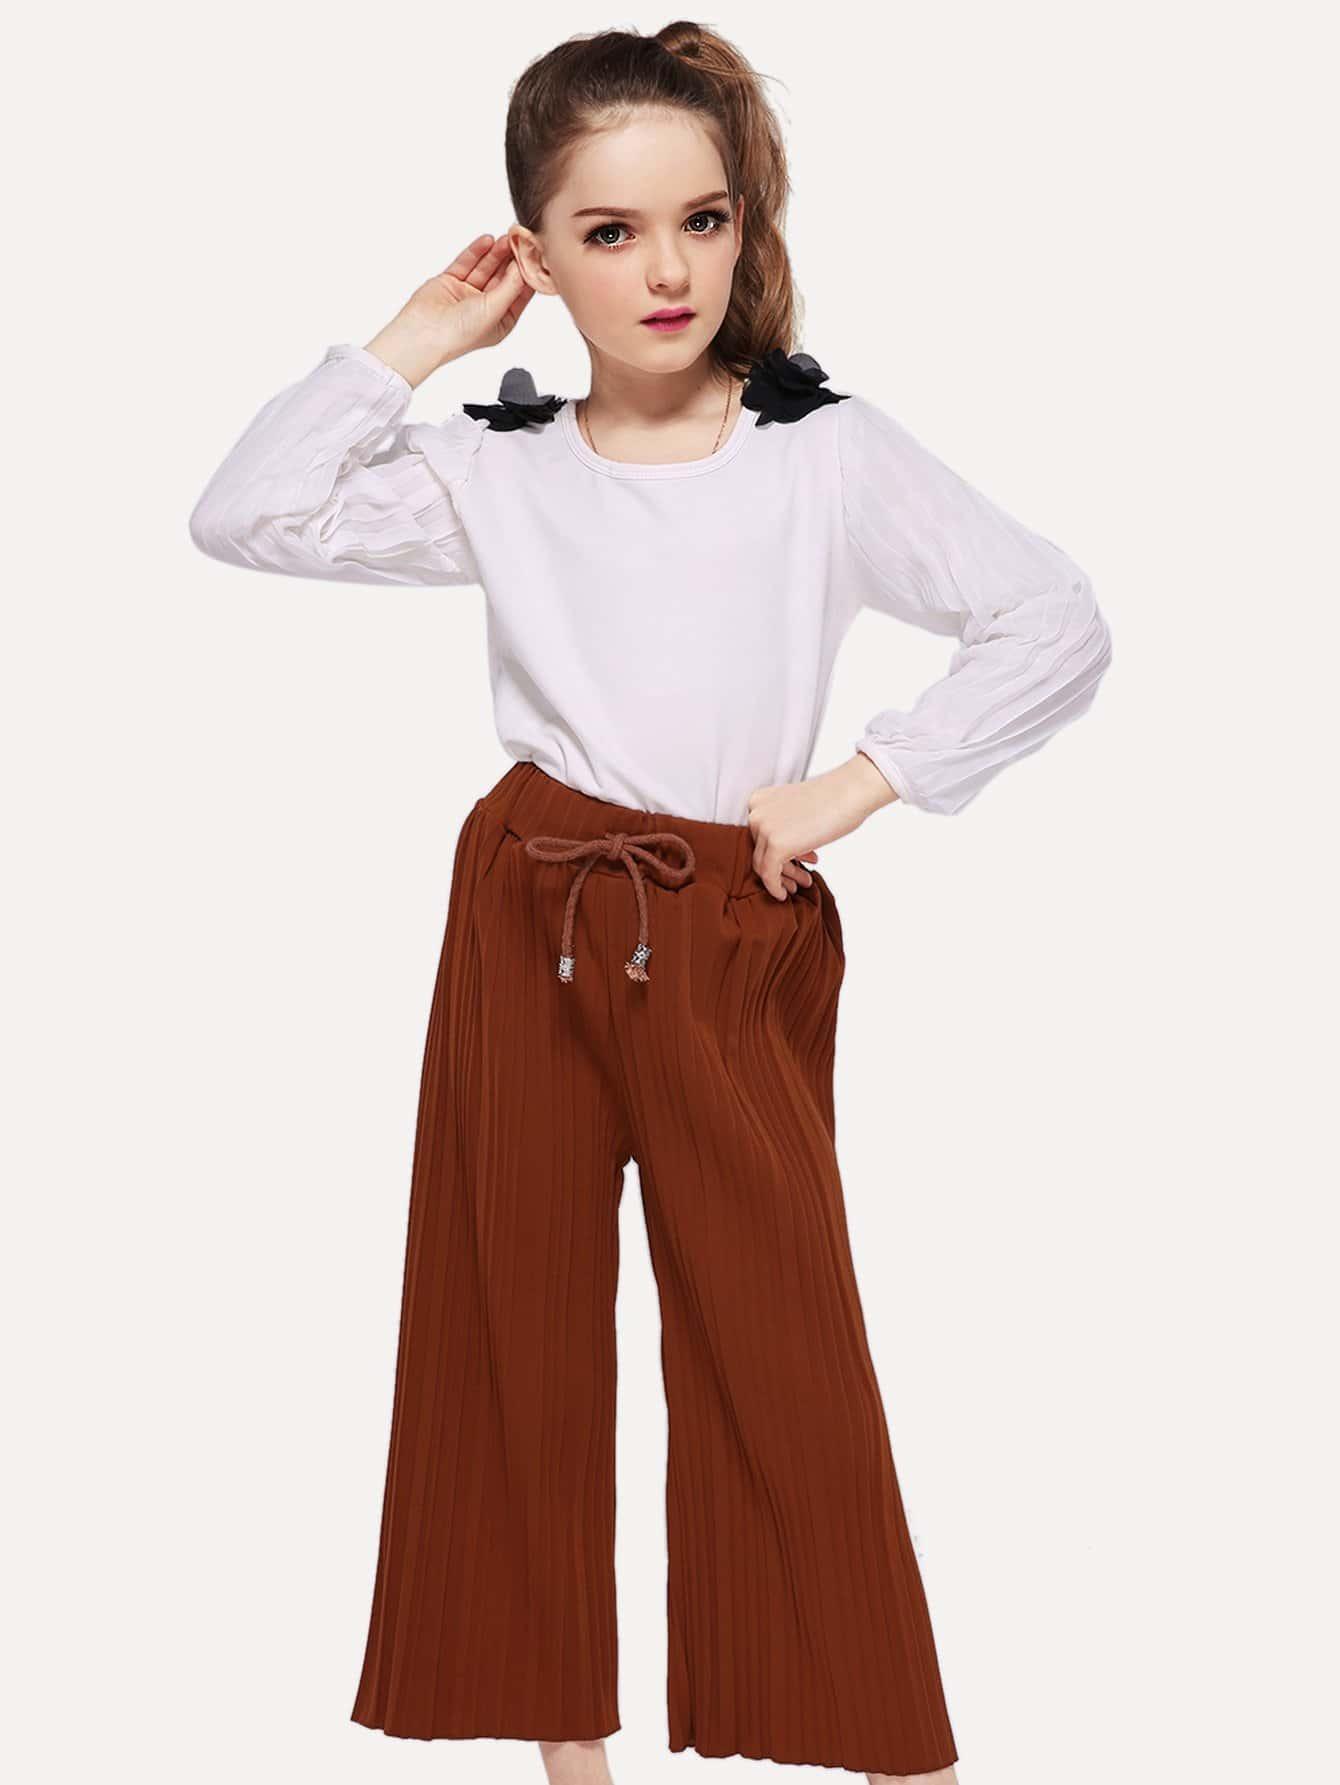 Купить Симметрическая сетчатая простая блуза для девочки, null, SheIn